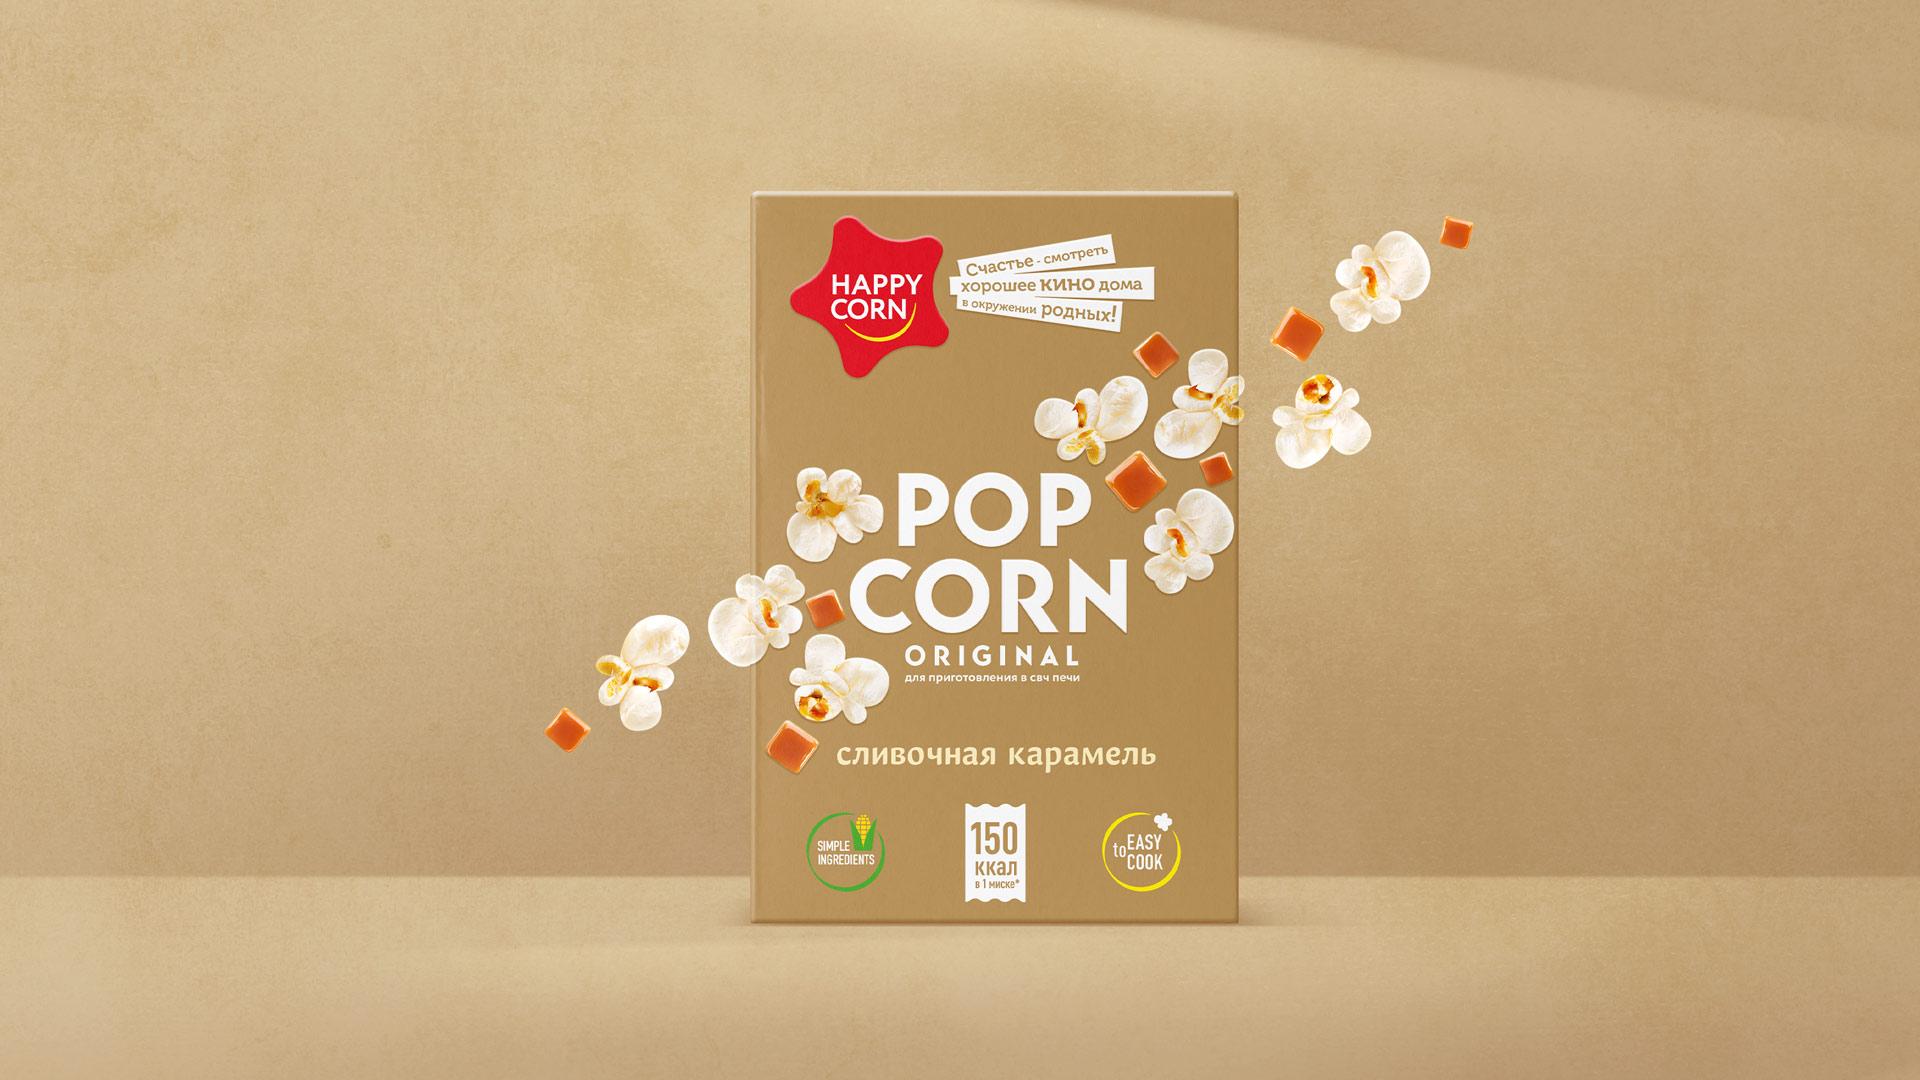 Дизайн упаковки попкорна Карамель